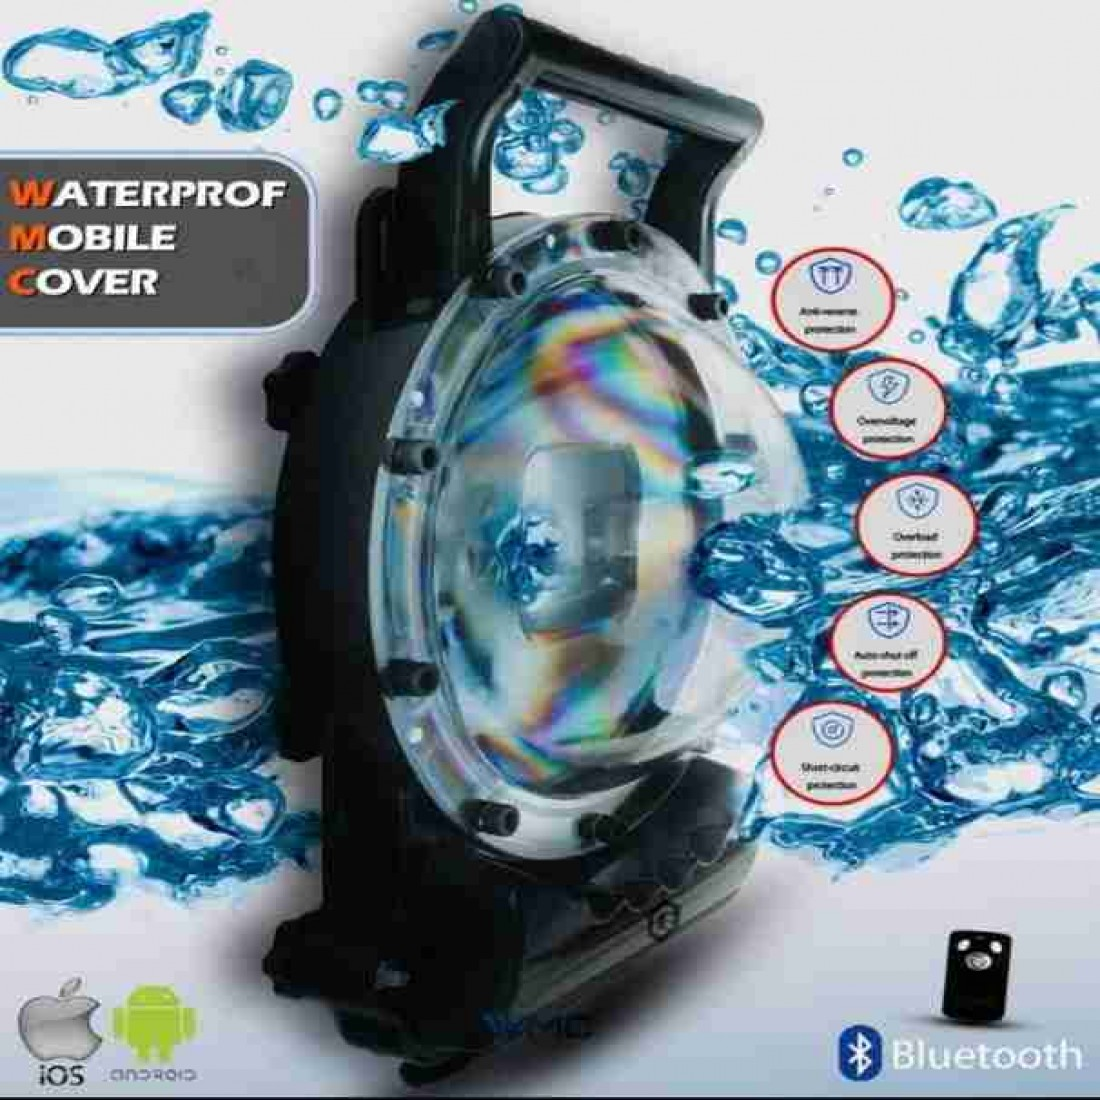 کاورلنز ضد آب برای موبایل و دوربین